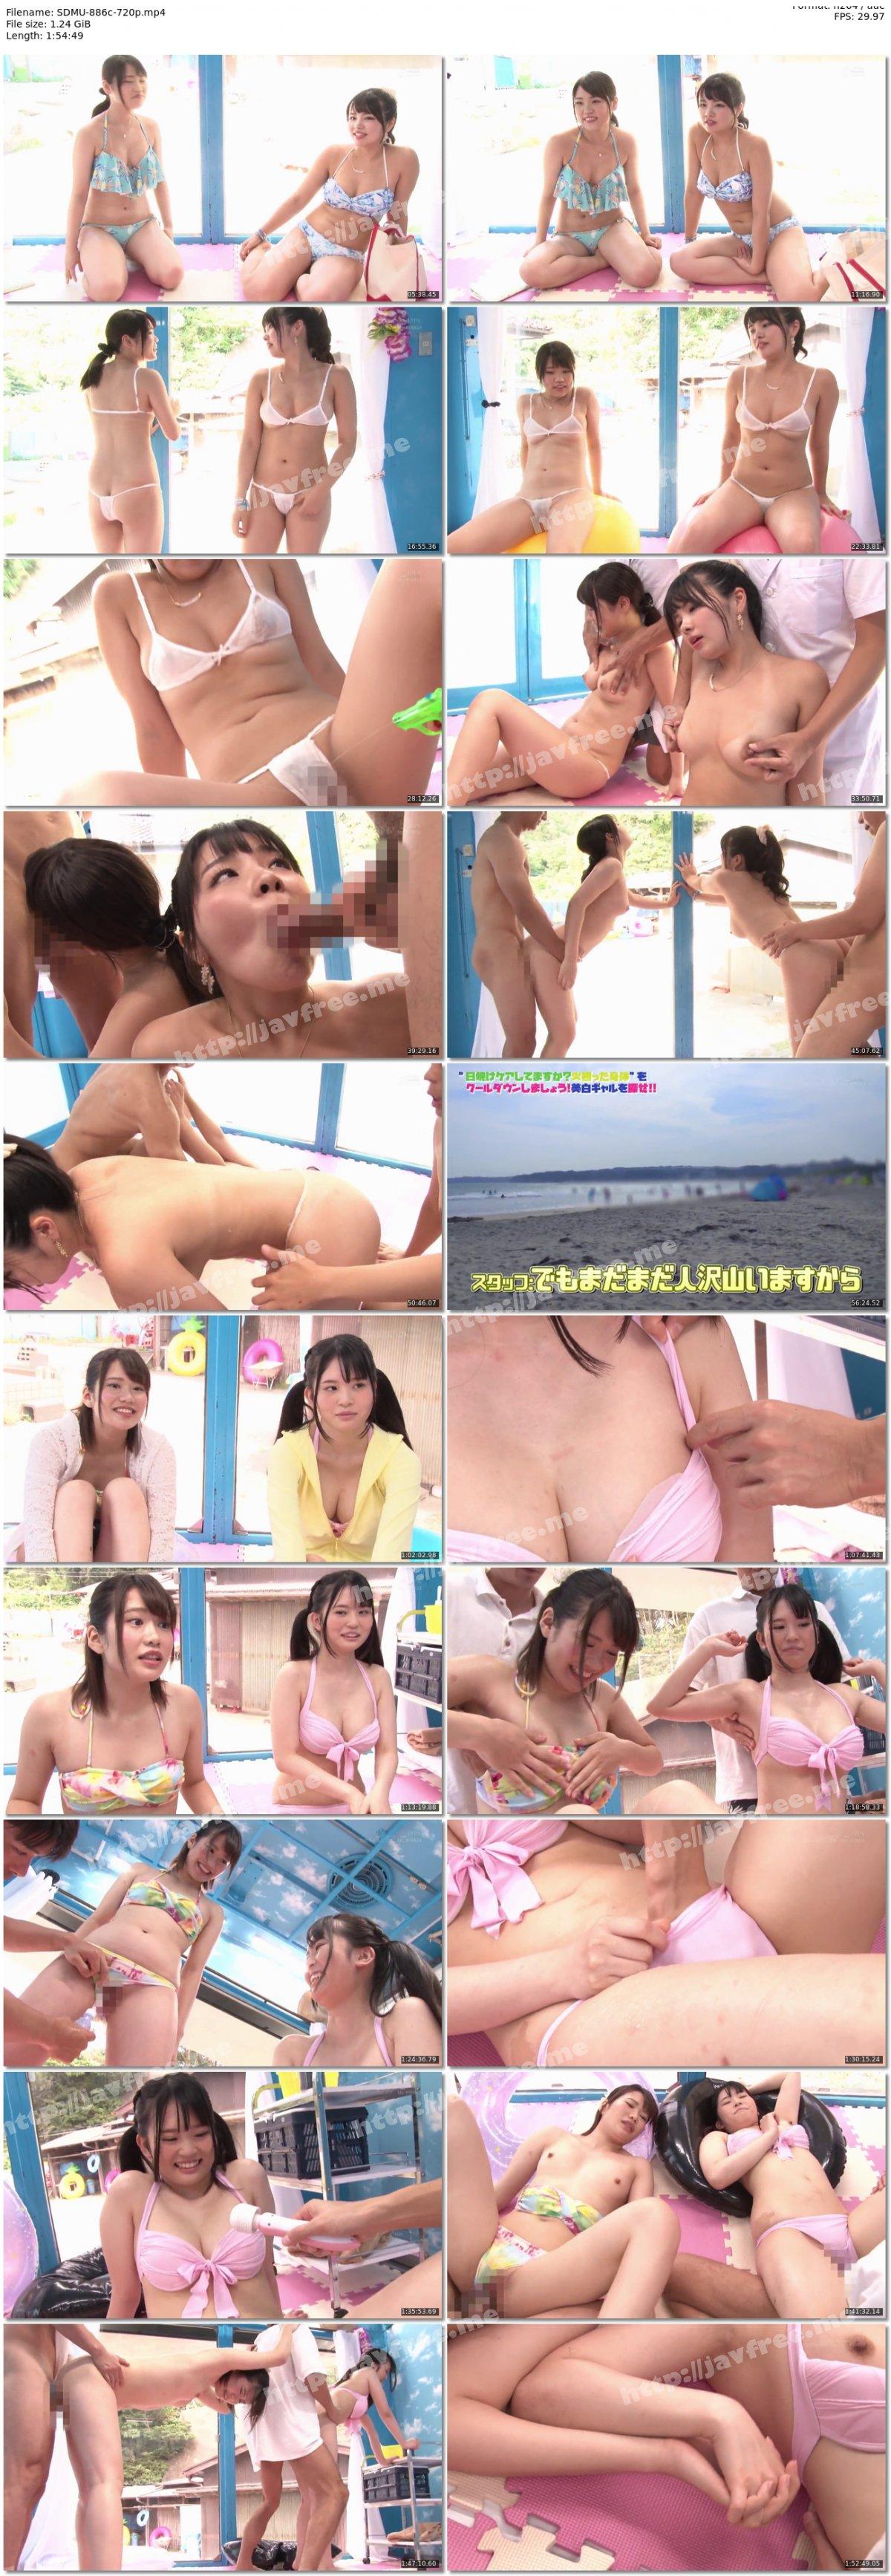 [HD][SDMU-886] マジックミラー号 灼熱のビーチで見つけた水着美女限定'おっぱい祭り'ちっぱいからデカパイまで!この夏で特に美乳だった15名全員とSEX大成功!ALLおっぱい発射8時間スペシャル! - image SDMU-886c-720p on https://javfree.me